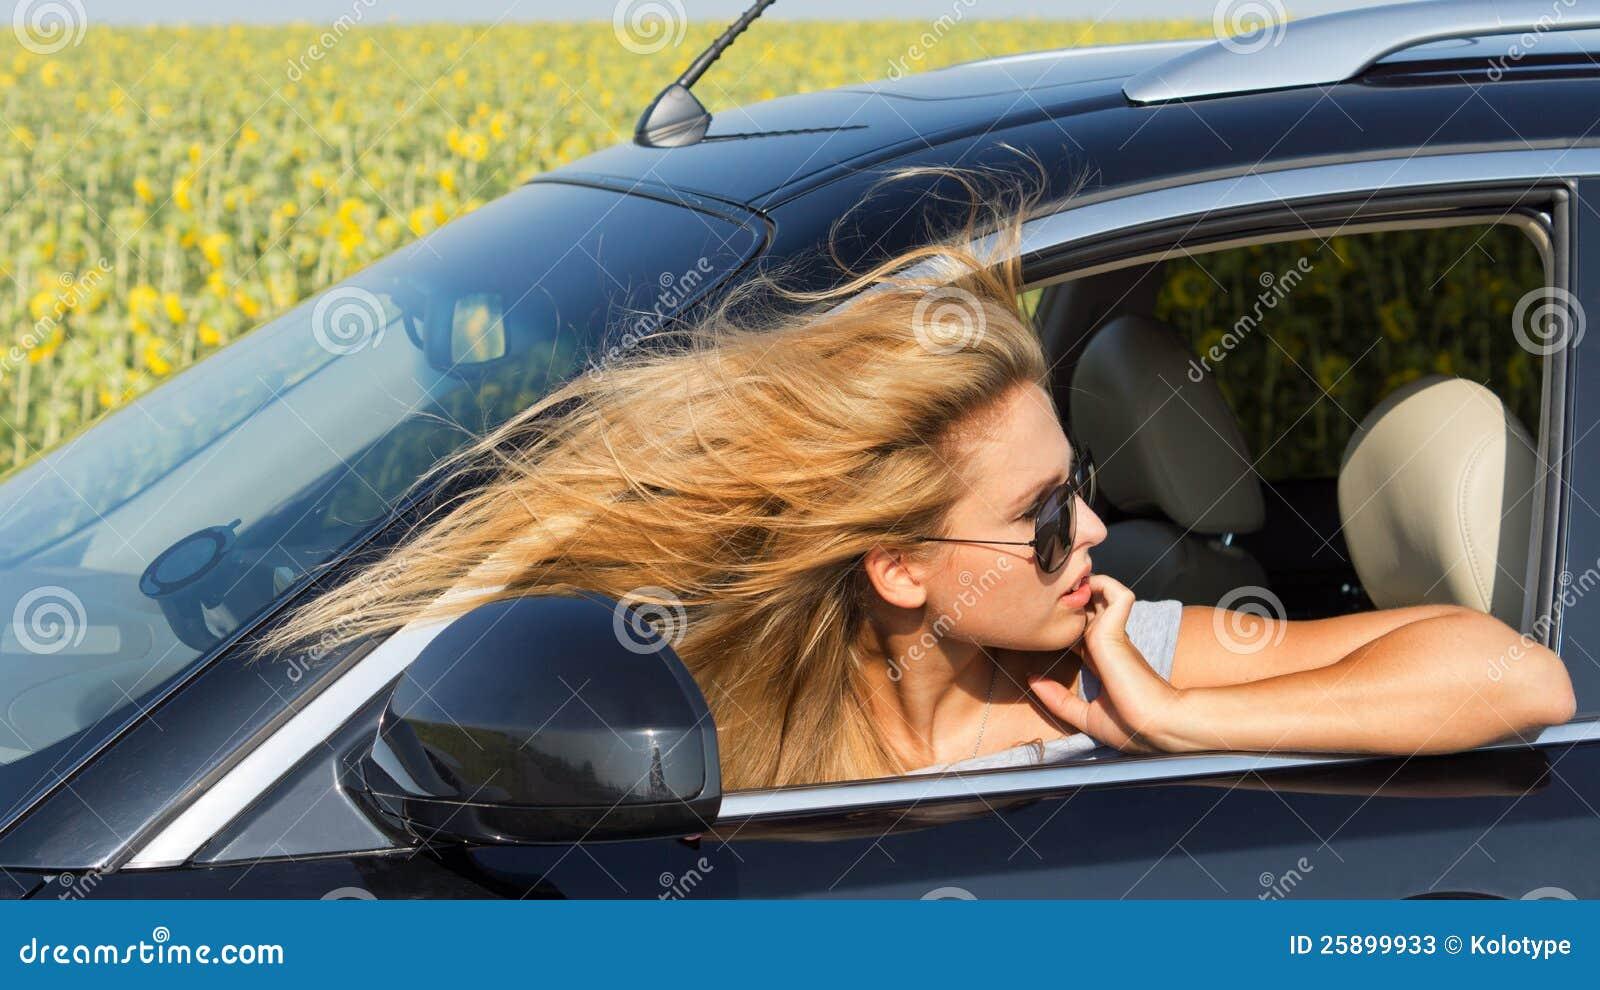 porno-okno-avtomobilya